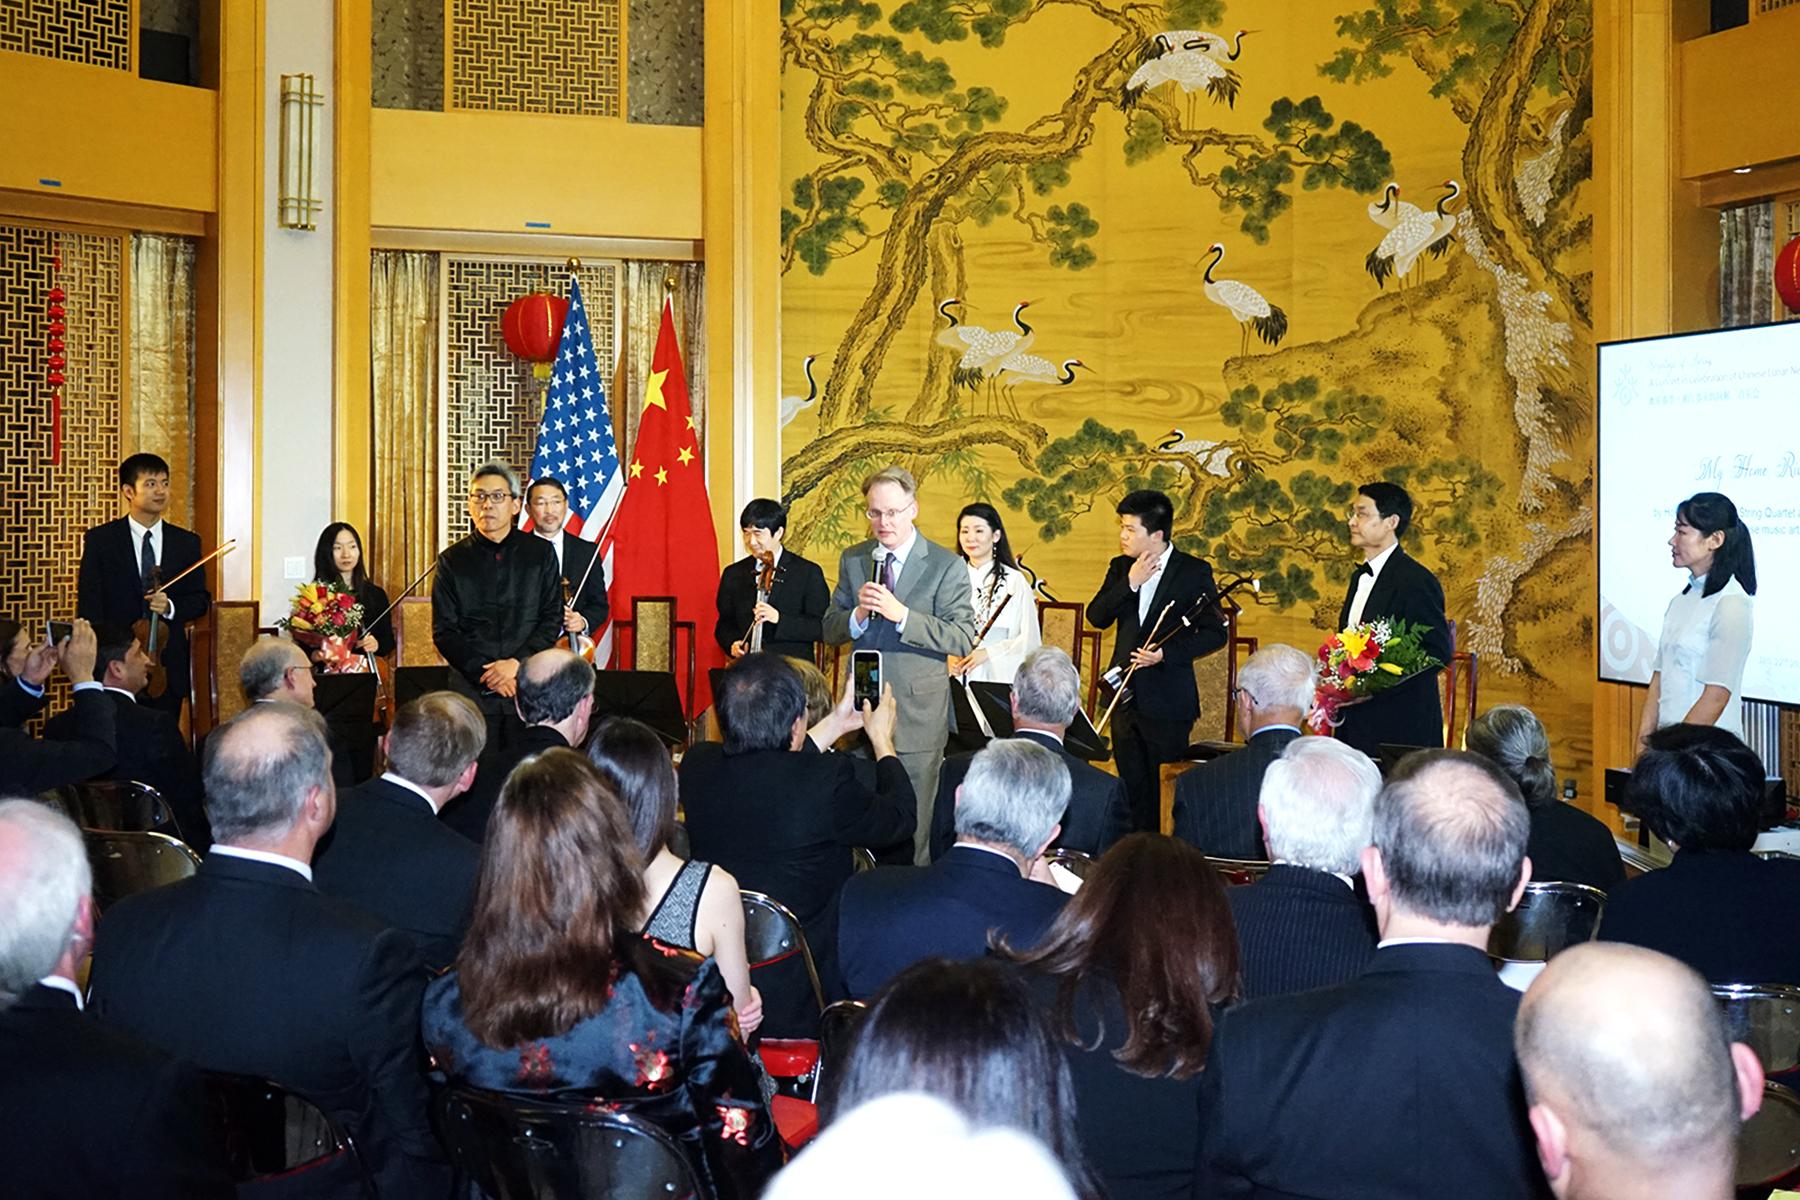 休士頓交響樂團執行總裁約翰曼古姆(站立者右五)祝賀中國農曆春節快樂。(記者賈忠/攝影)